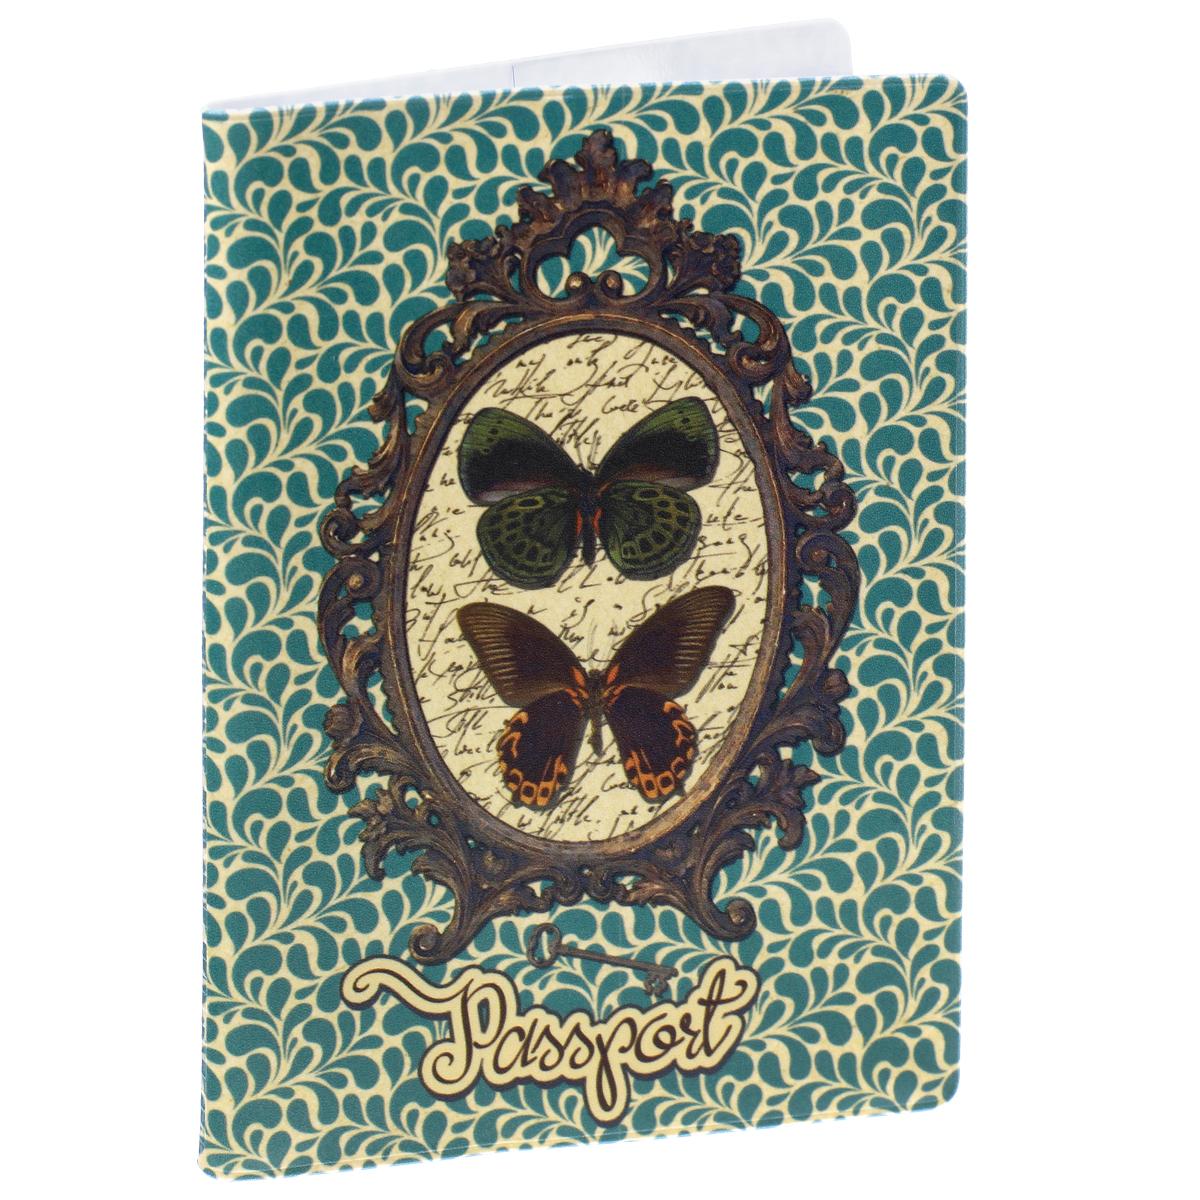 Обложка для паспорта Бабочки, цвет: зеленый, коричневый. 377263342-F/Orange-BeigeОбложка для паспорта Бабочки не только поможет сохранить внешний вид ваших документов и защитить их от повреждений, но и станет стильным аксессуаром, идеально подходящим вашему образу. Обложка выполнена из поливинилхлорида и оформлена оригинальным изображением бабочек на фоне зеркала. Внутри имеет два вертикальных кармана из прозрачного пластика. Такая обложка поможет вам подчеркнуть свою индивидуальность и неповторимость!